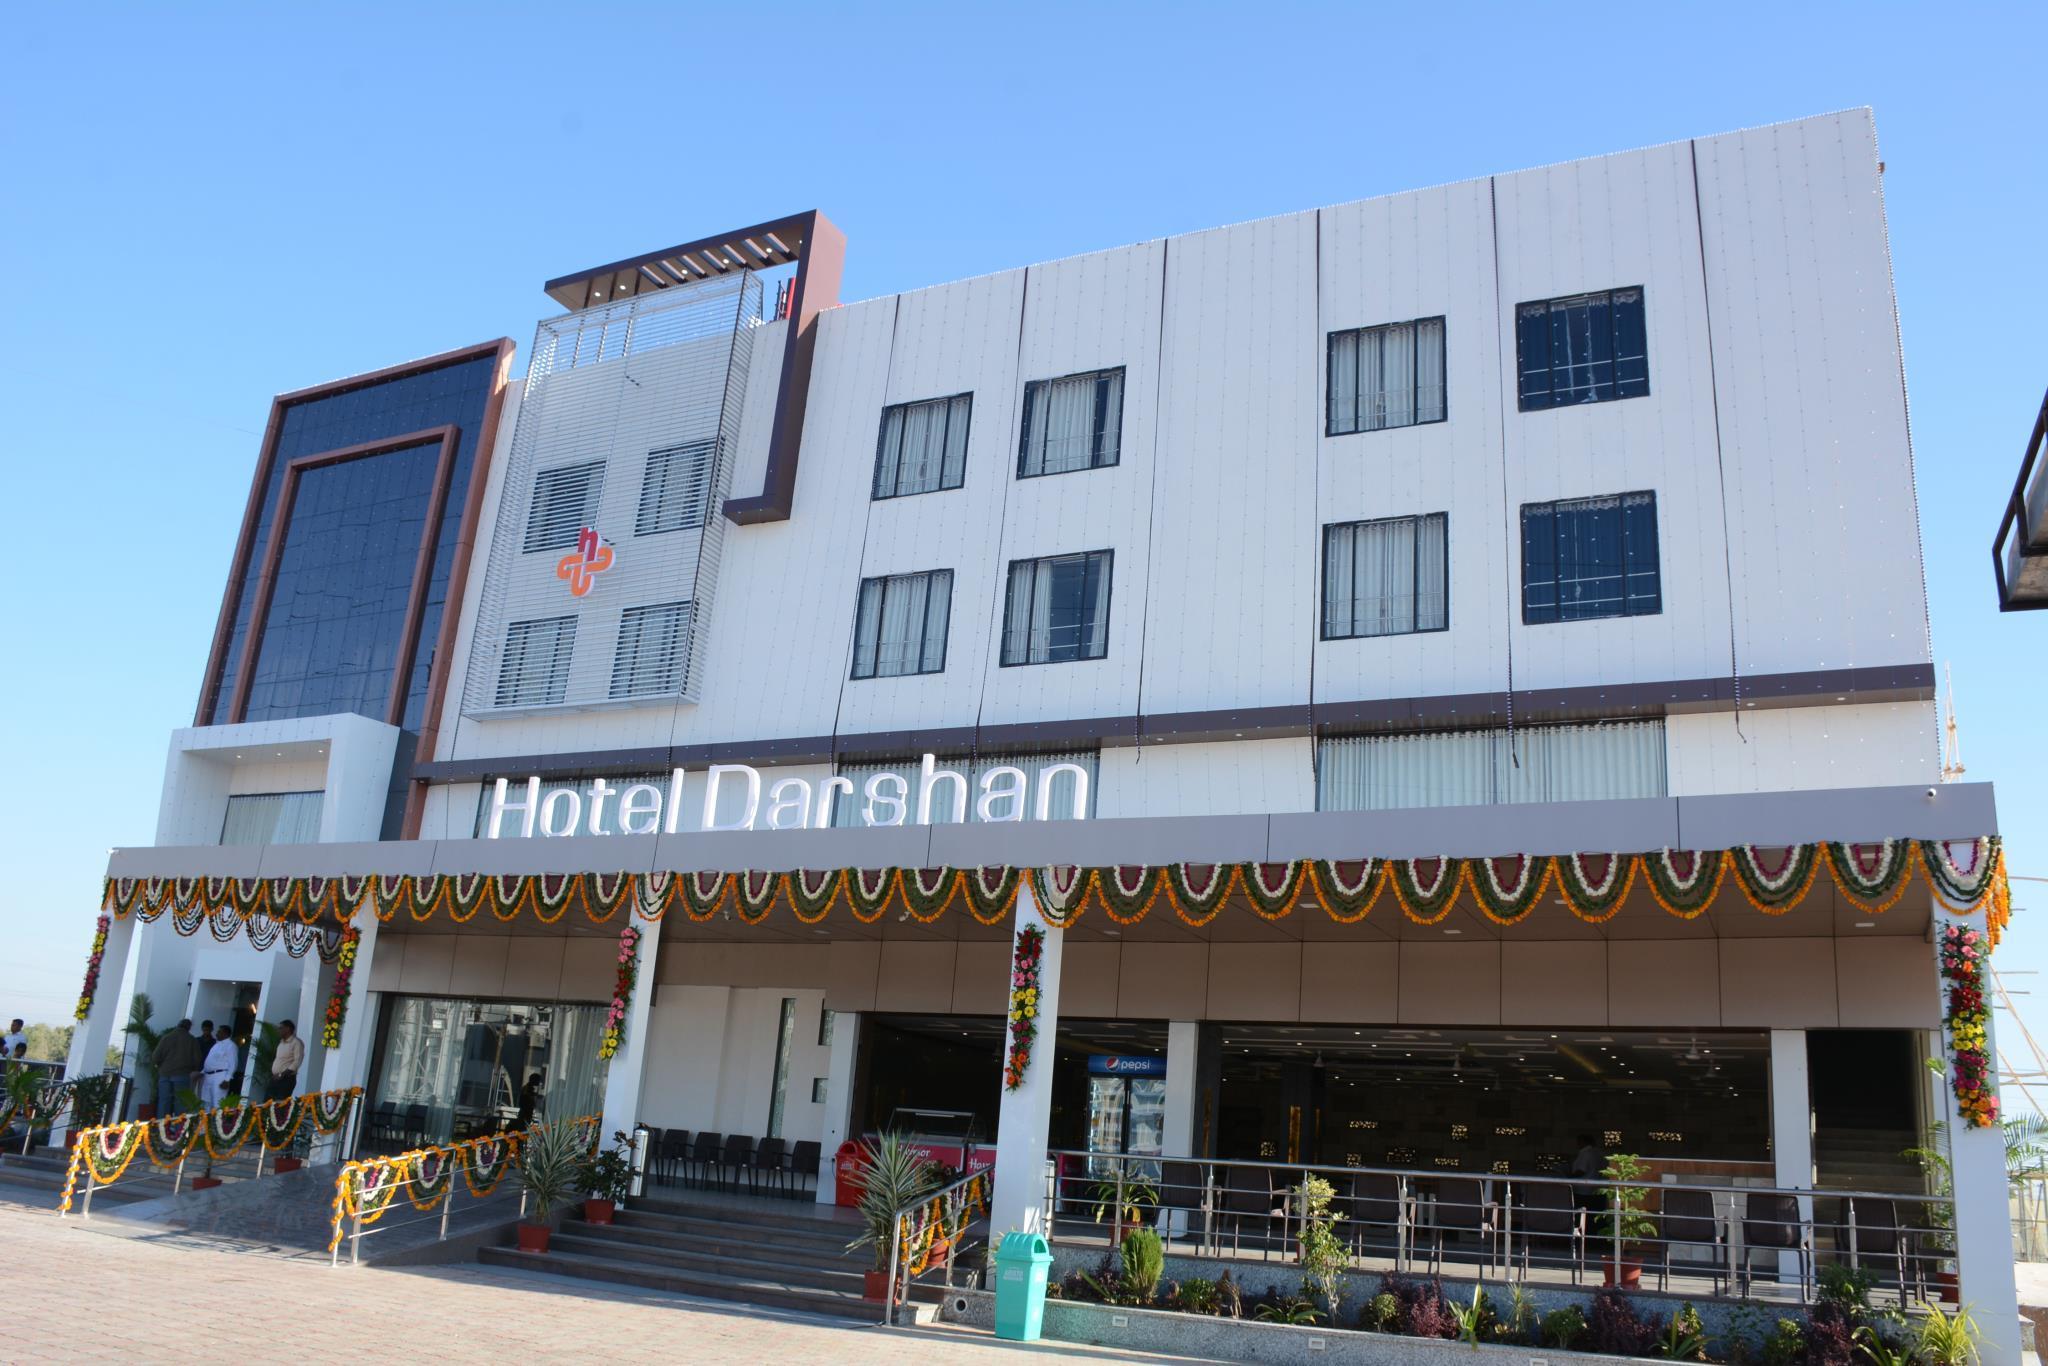 Darshan Hotel